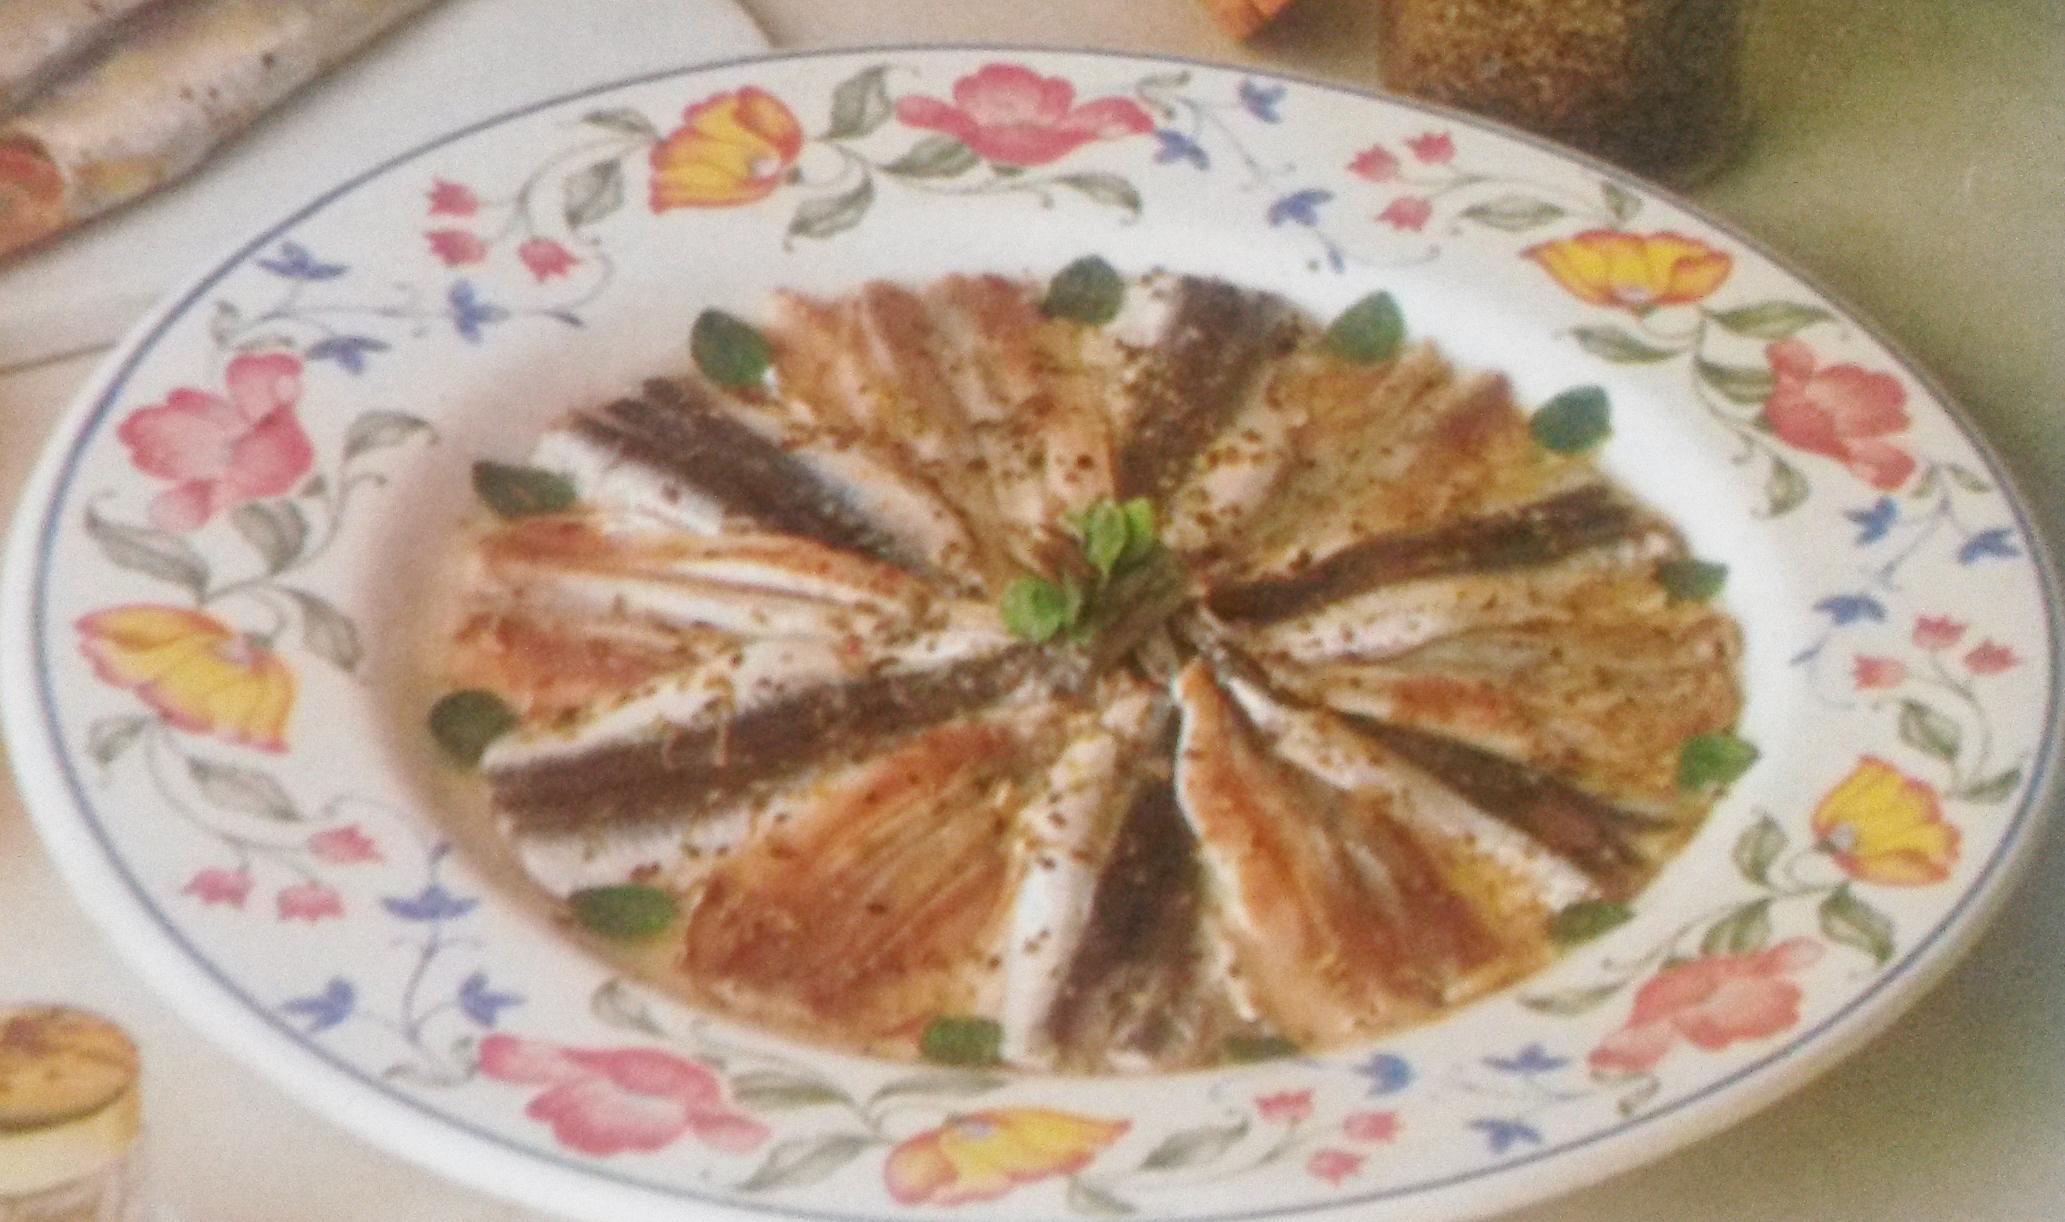 Acciughe all'ammiraglia gluten free